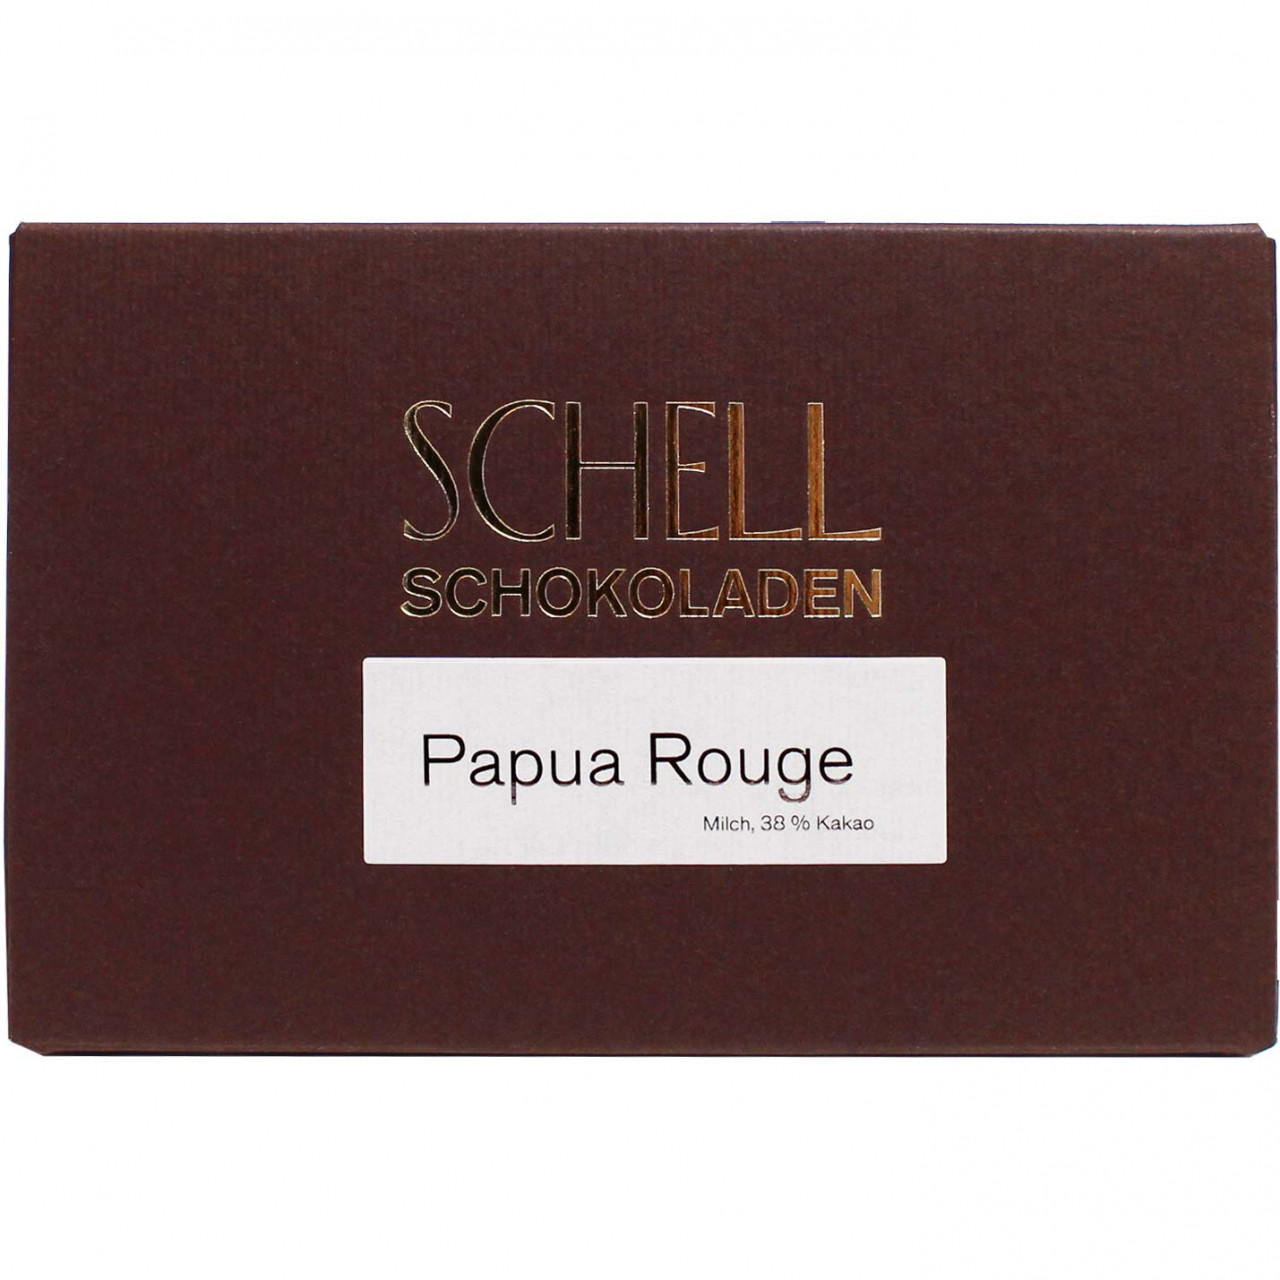 Schell, Schokoladenmanufaktur Gundelsheim, Schokolade zu Wein, milk chocolate, Barrique Schokolade,  - Bar of Chocolate, Germany, german chocolate, Chocolate with pepper - Chocolats-De-Luxe